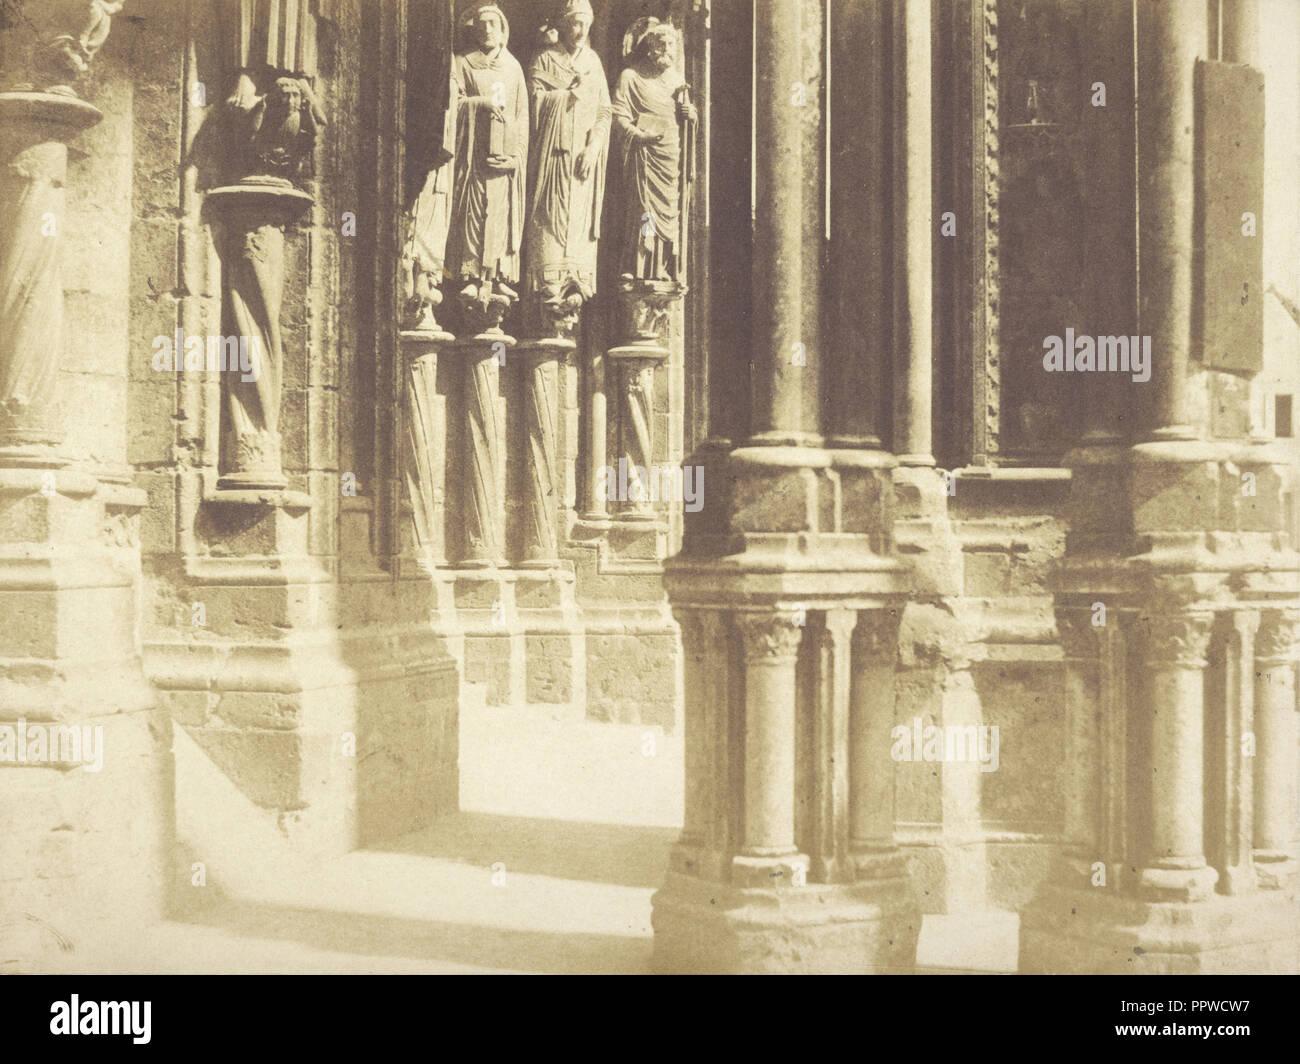 Detaillierte Ansicht der externen Kolonnade der Kathedrale von Bourges; Pierre-Émile - Joseph Pécarrère, Französisch, 1816 - 1904, Bourges Stockbild